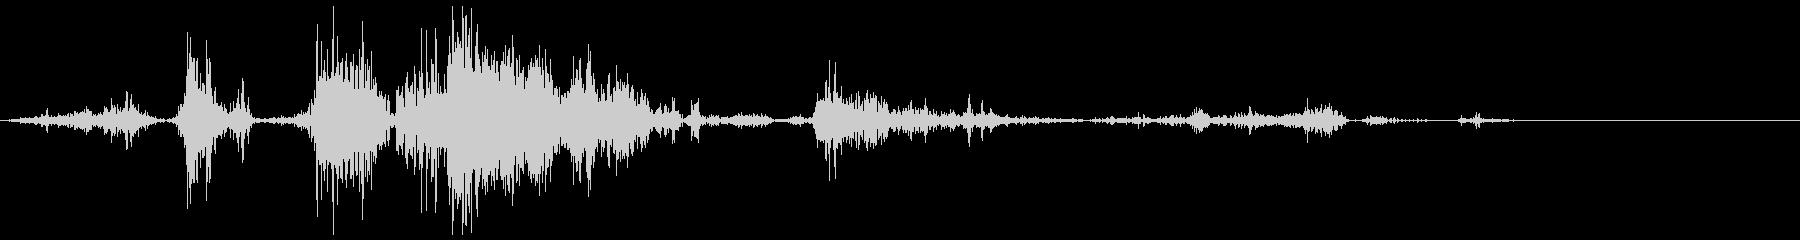 加工獣(KYMA)1の未再生の波形